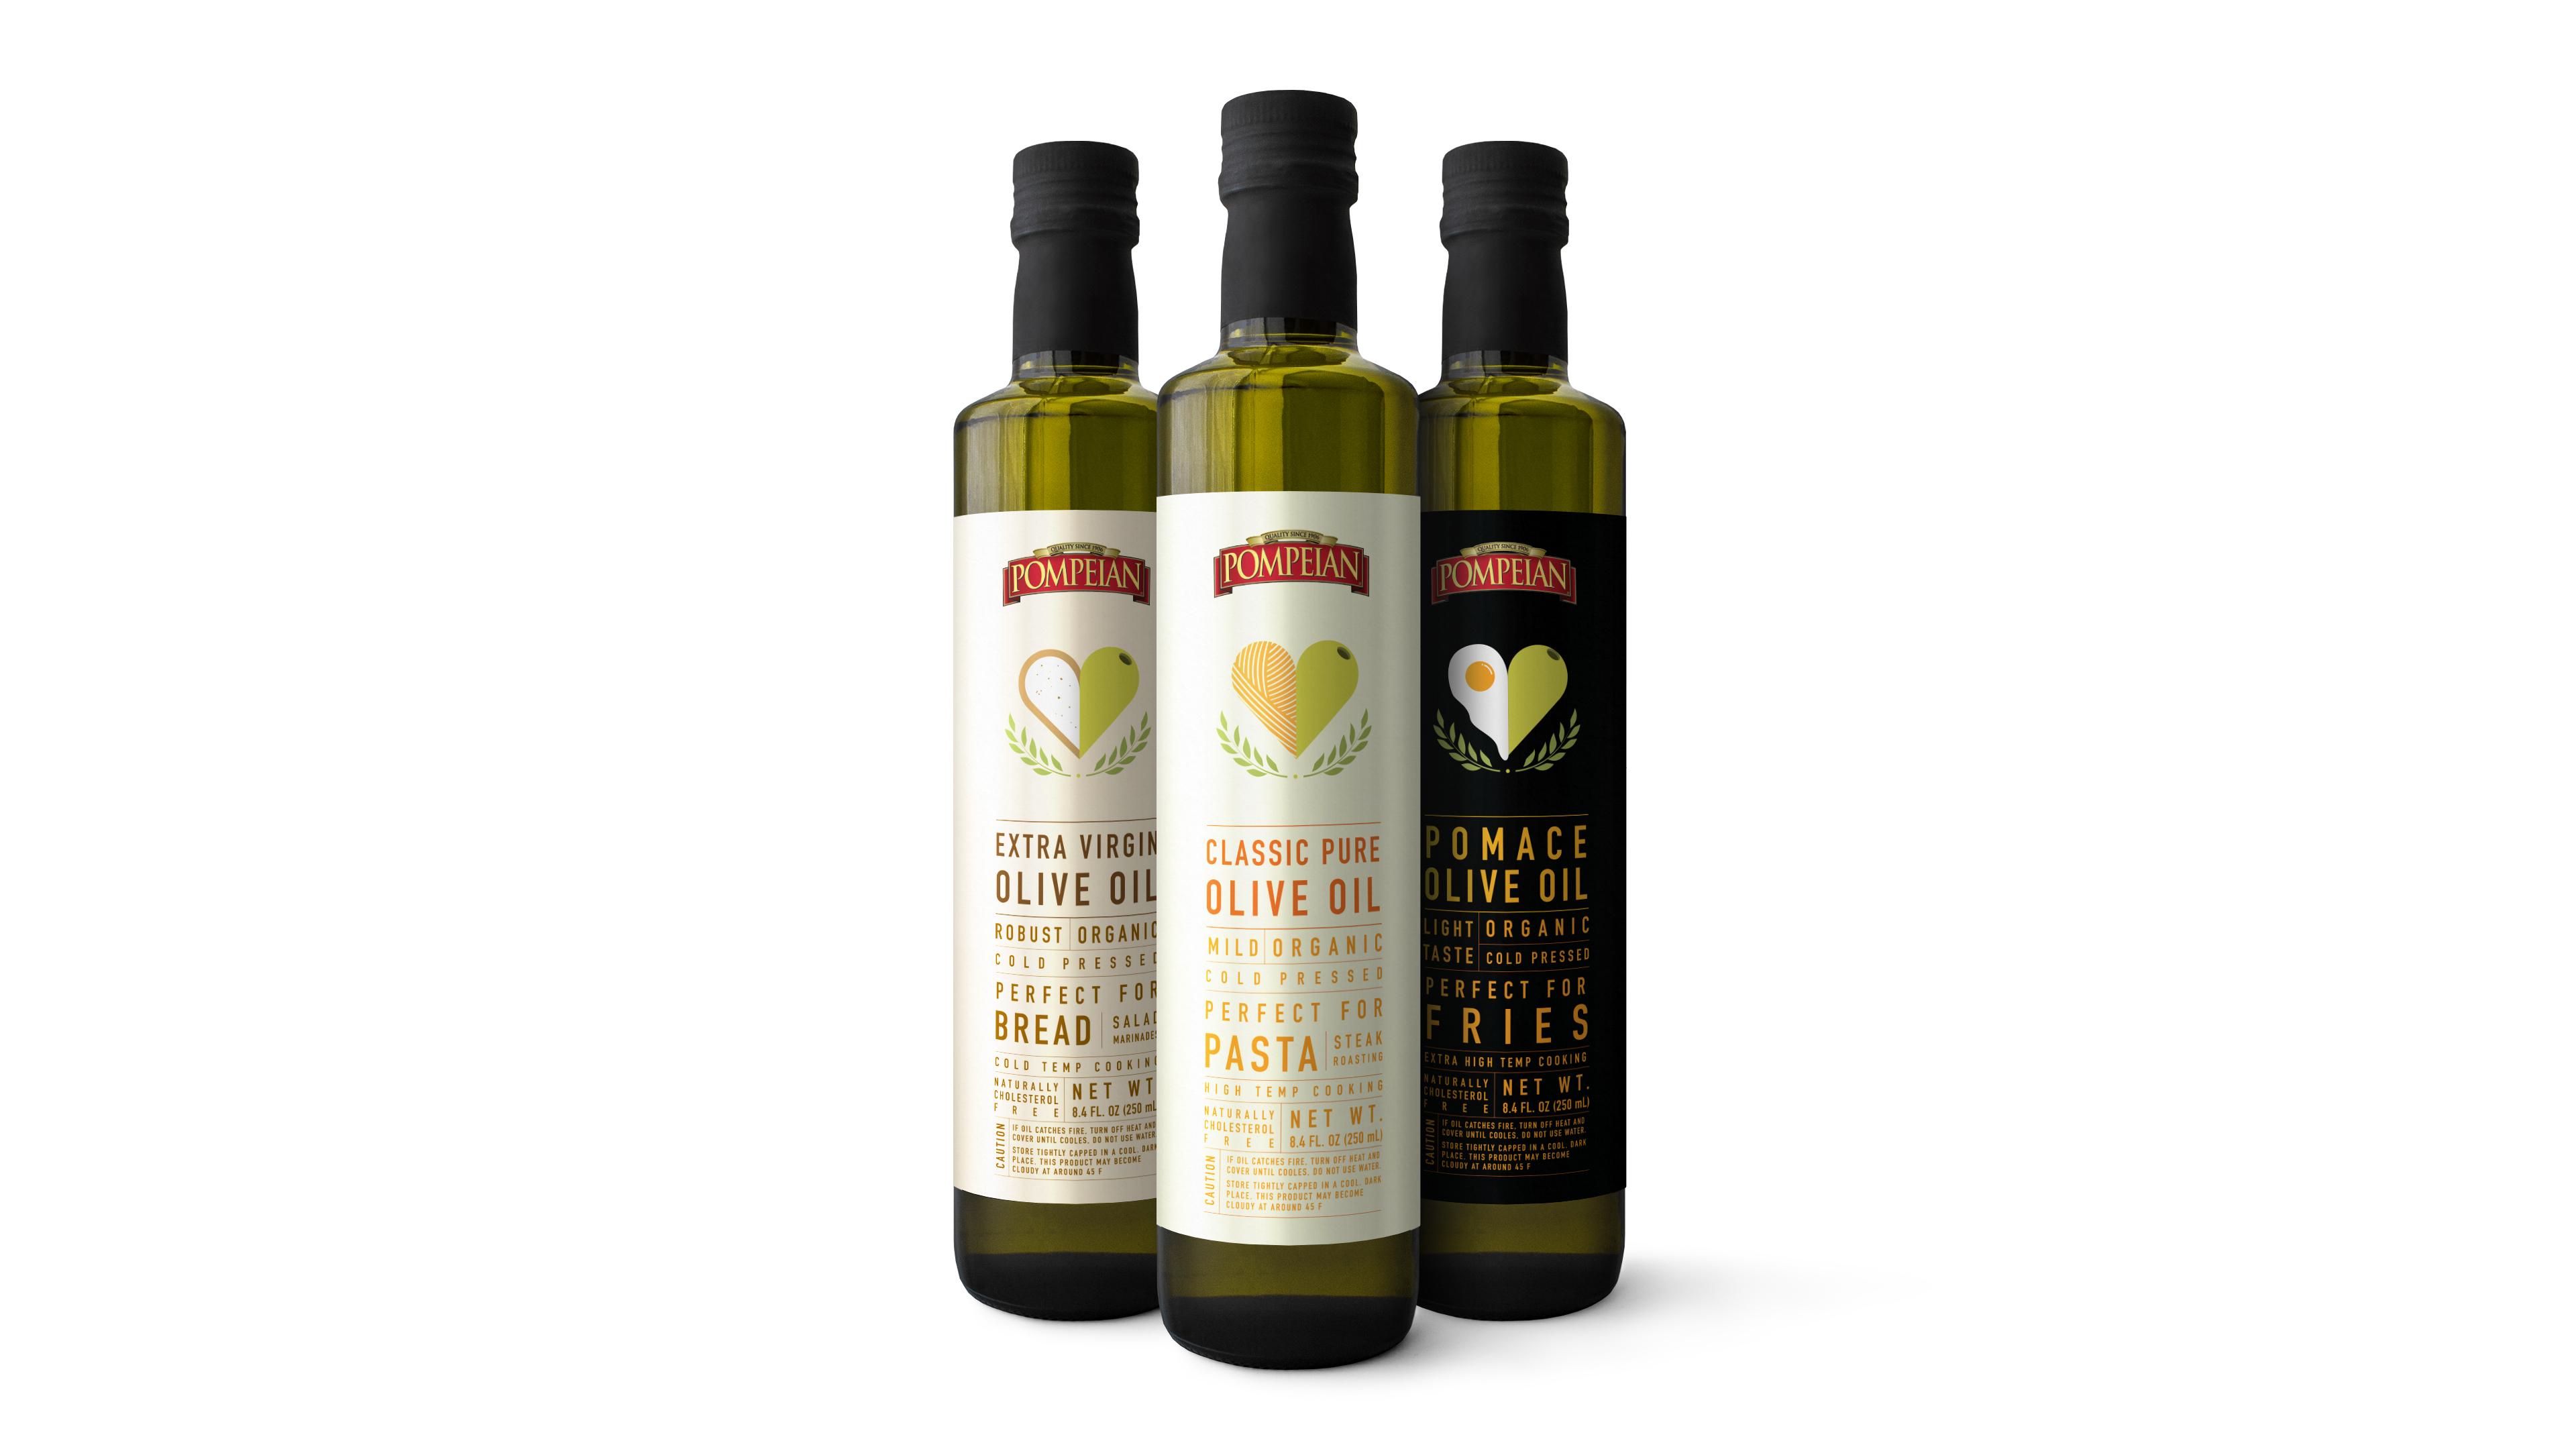 Olive Oil Packaging Design